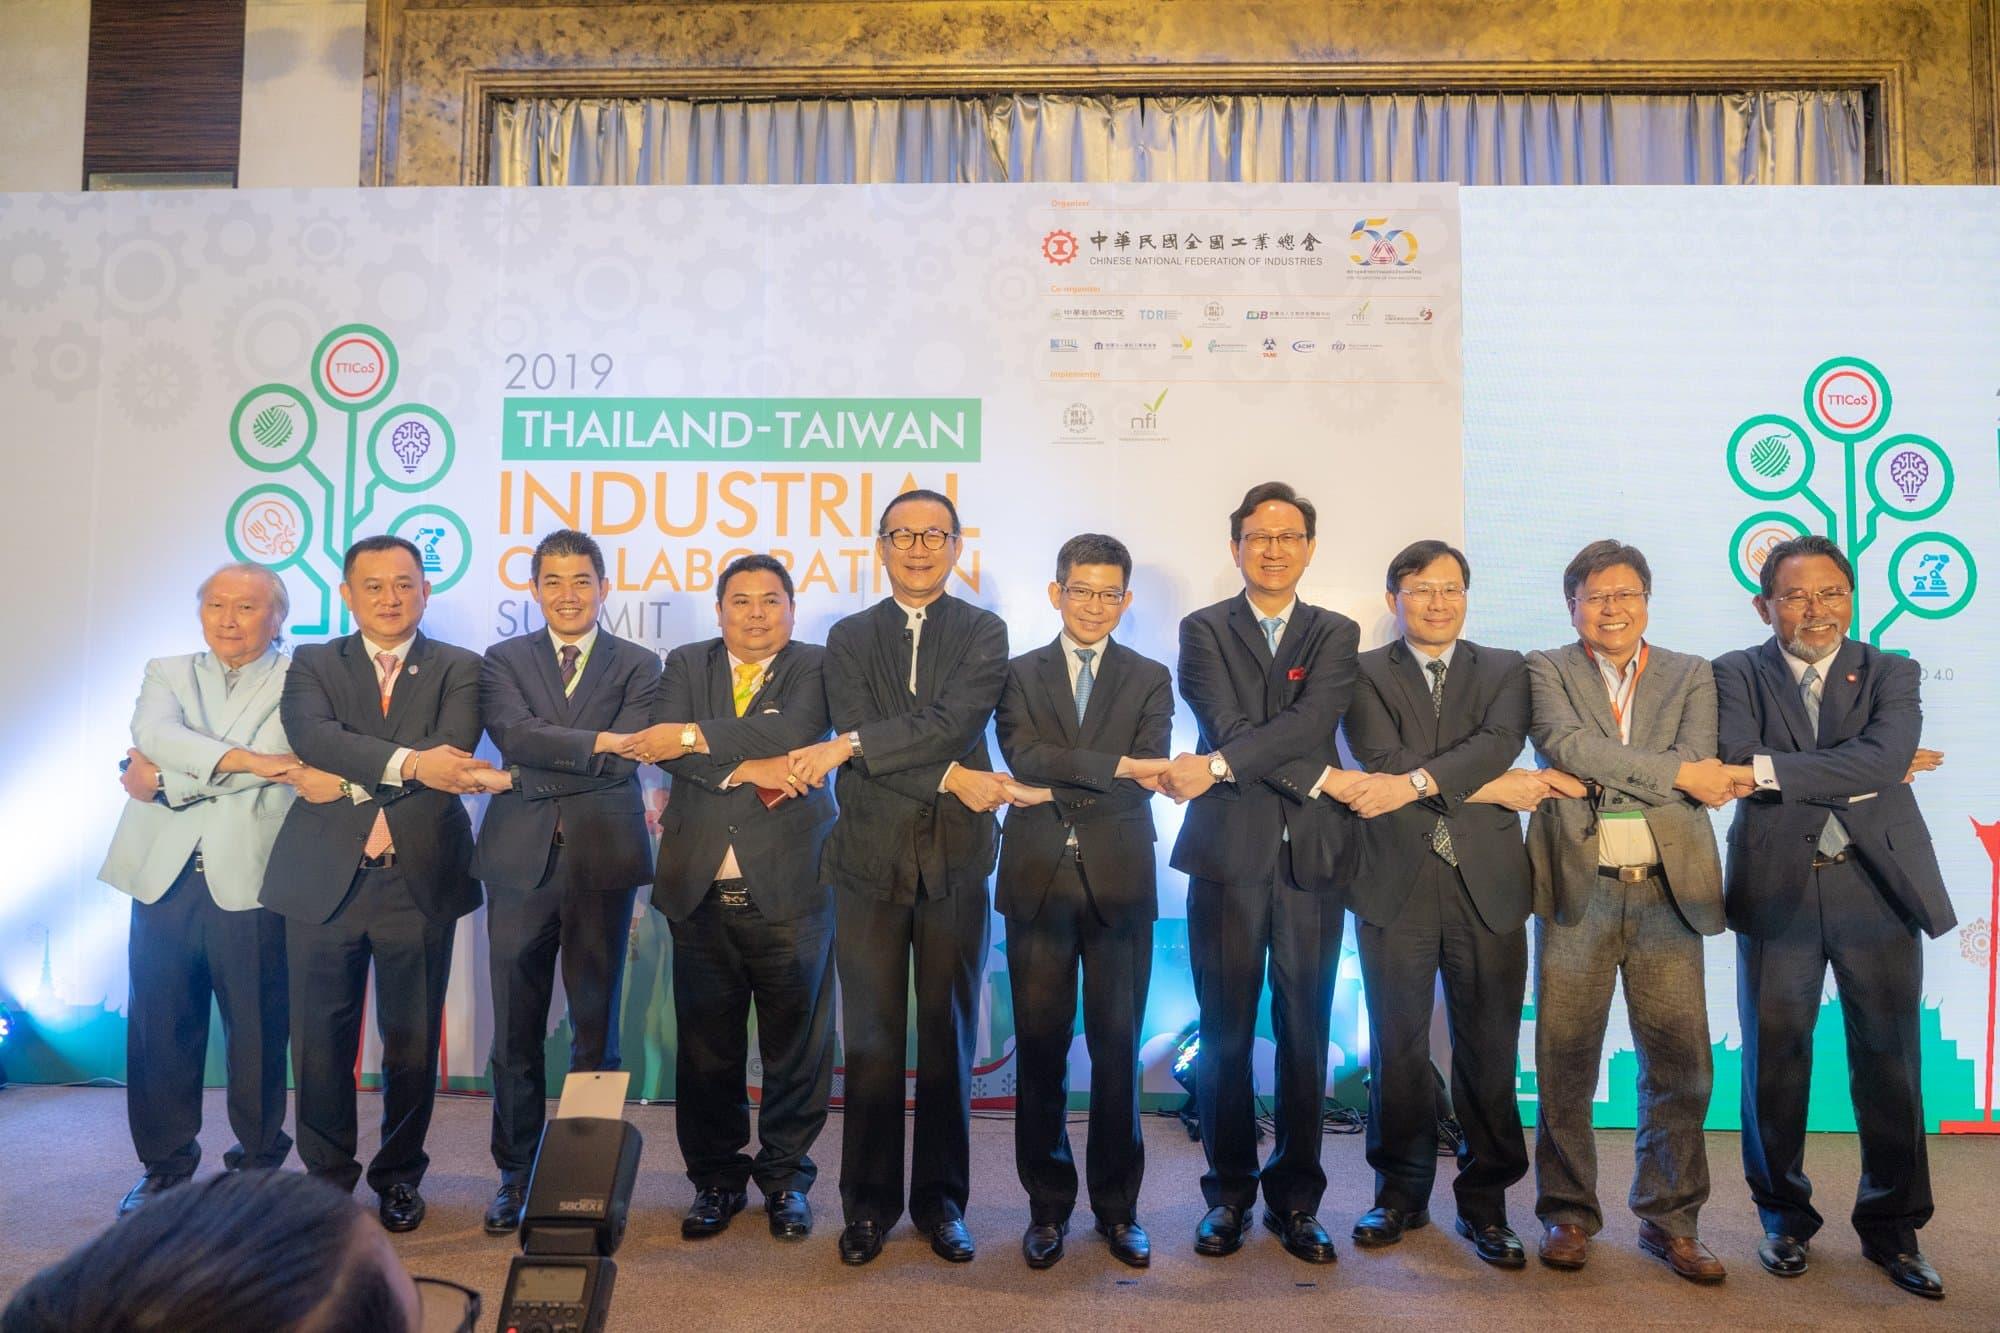 ไต้หวัน–ไทยจับมือลงนามยกระดับ 4 อุตสาหกรรม ร่วมผลักดันสมาร์ทซิตี้-จัดอีเวนต์แสดงเทคโนโลยี